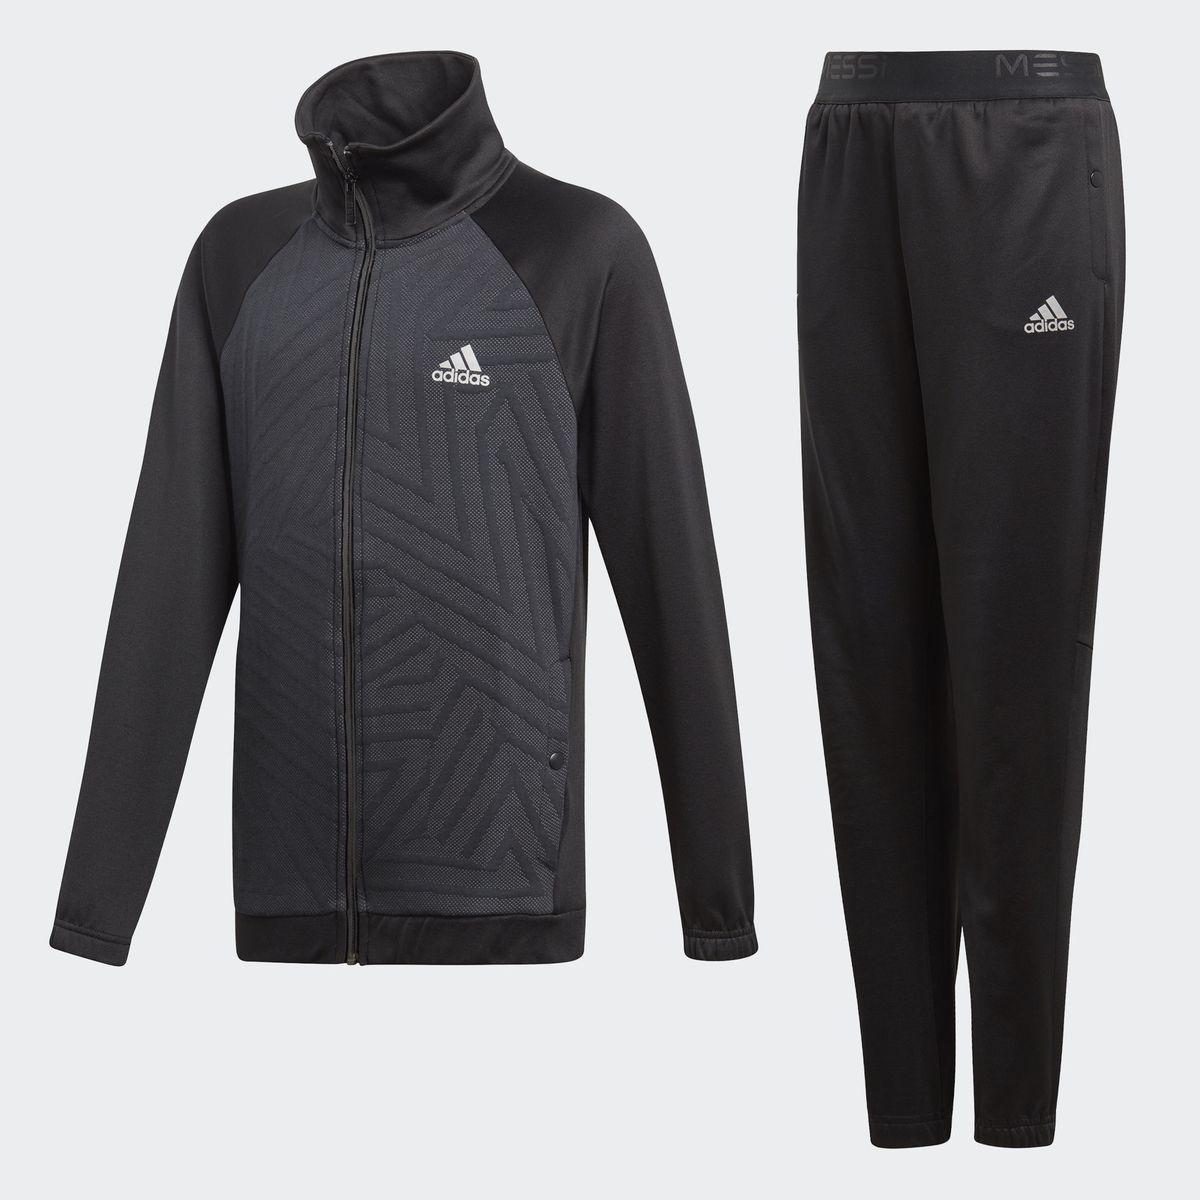 Спортивный костюм adidas спортивный костюм мужской adidas mts wv light цвет черный dv2466 размер m 48 50